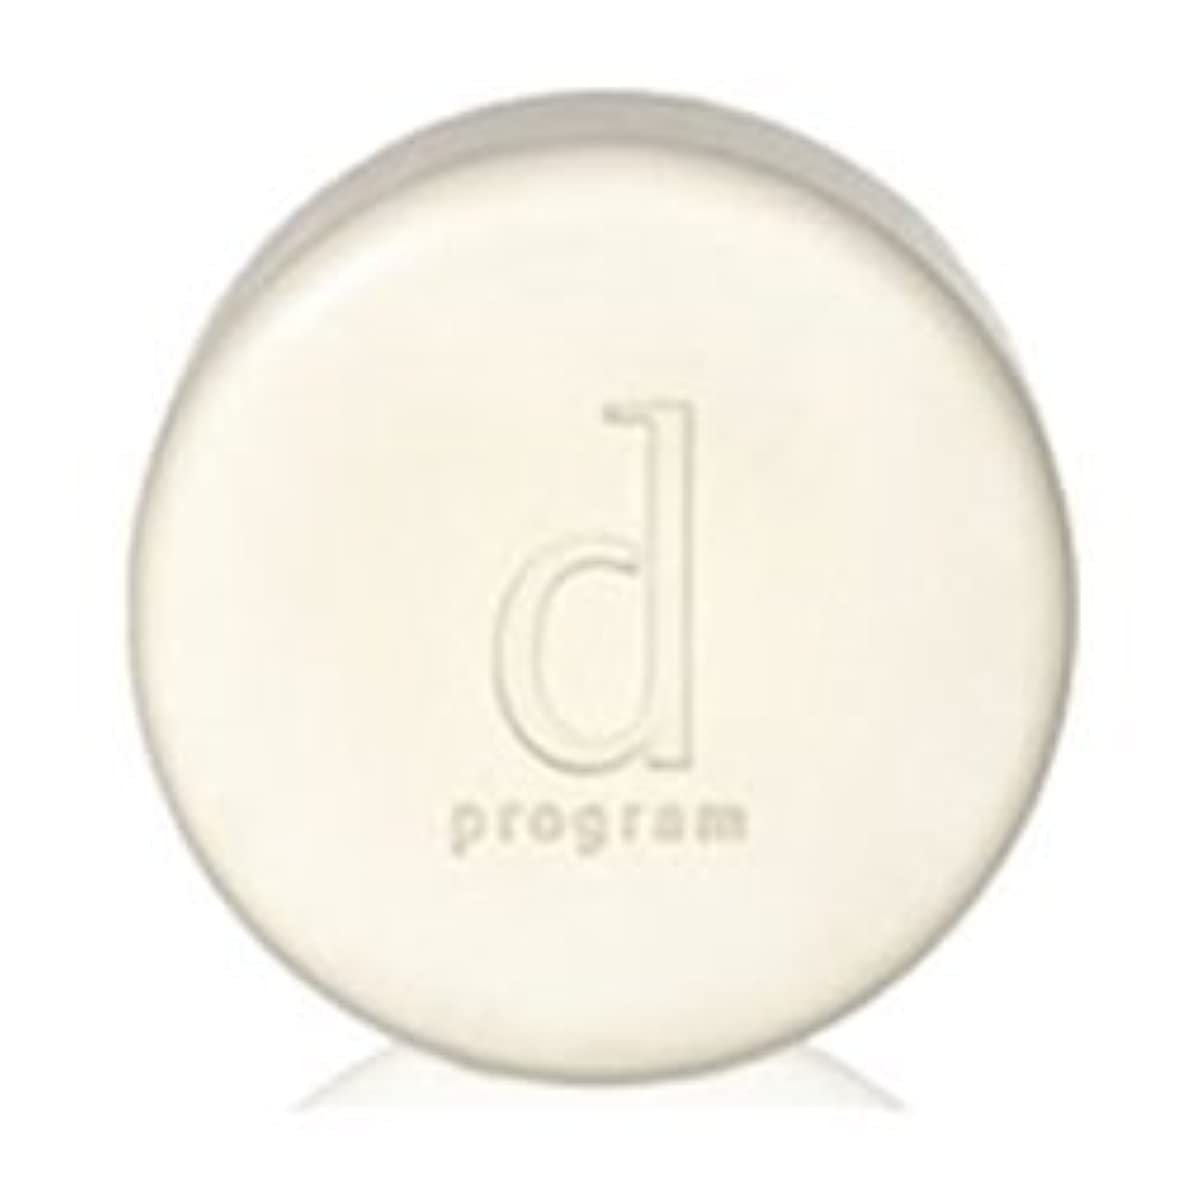 プロペラサロンメガロポリス【資生堂】dプログラム コンディショニングソープ 100g ×3個セット